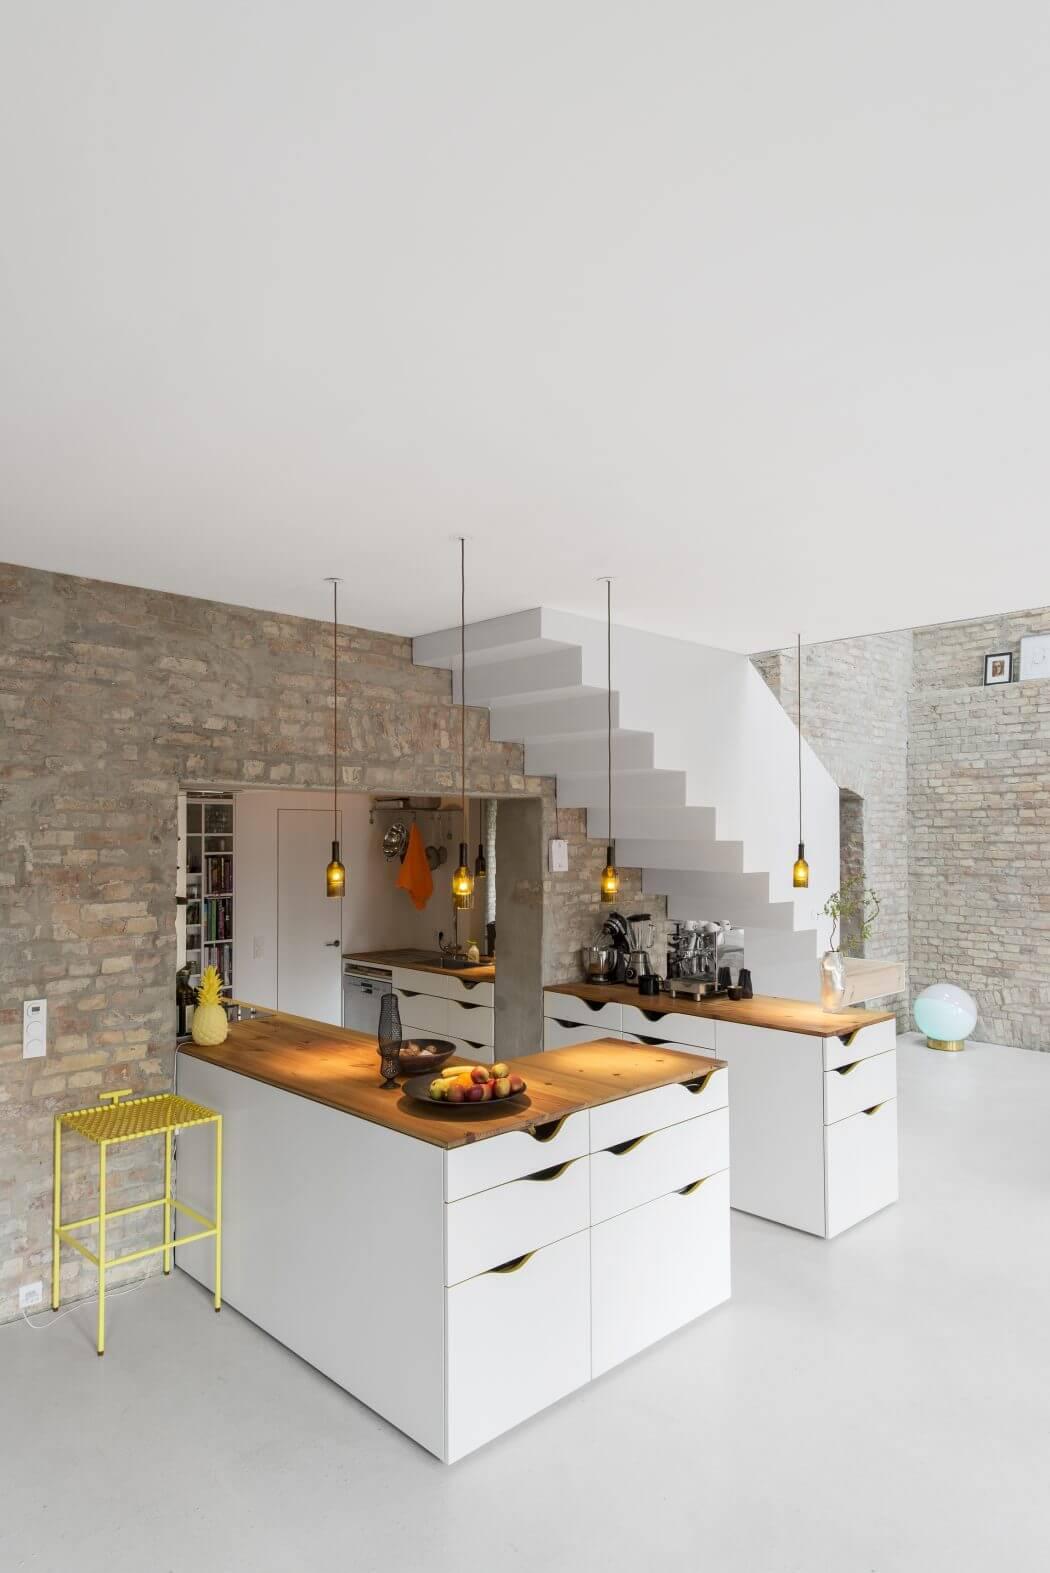 017-millers-house-asdfg-architekten-1050x1573